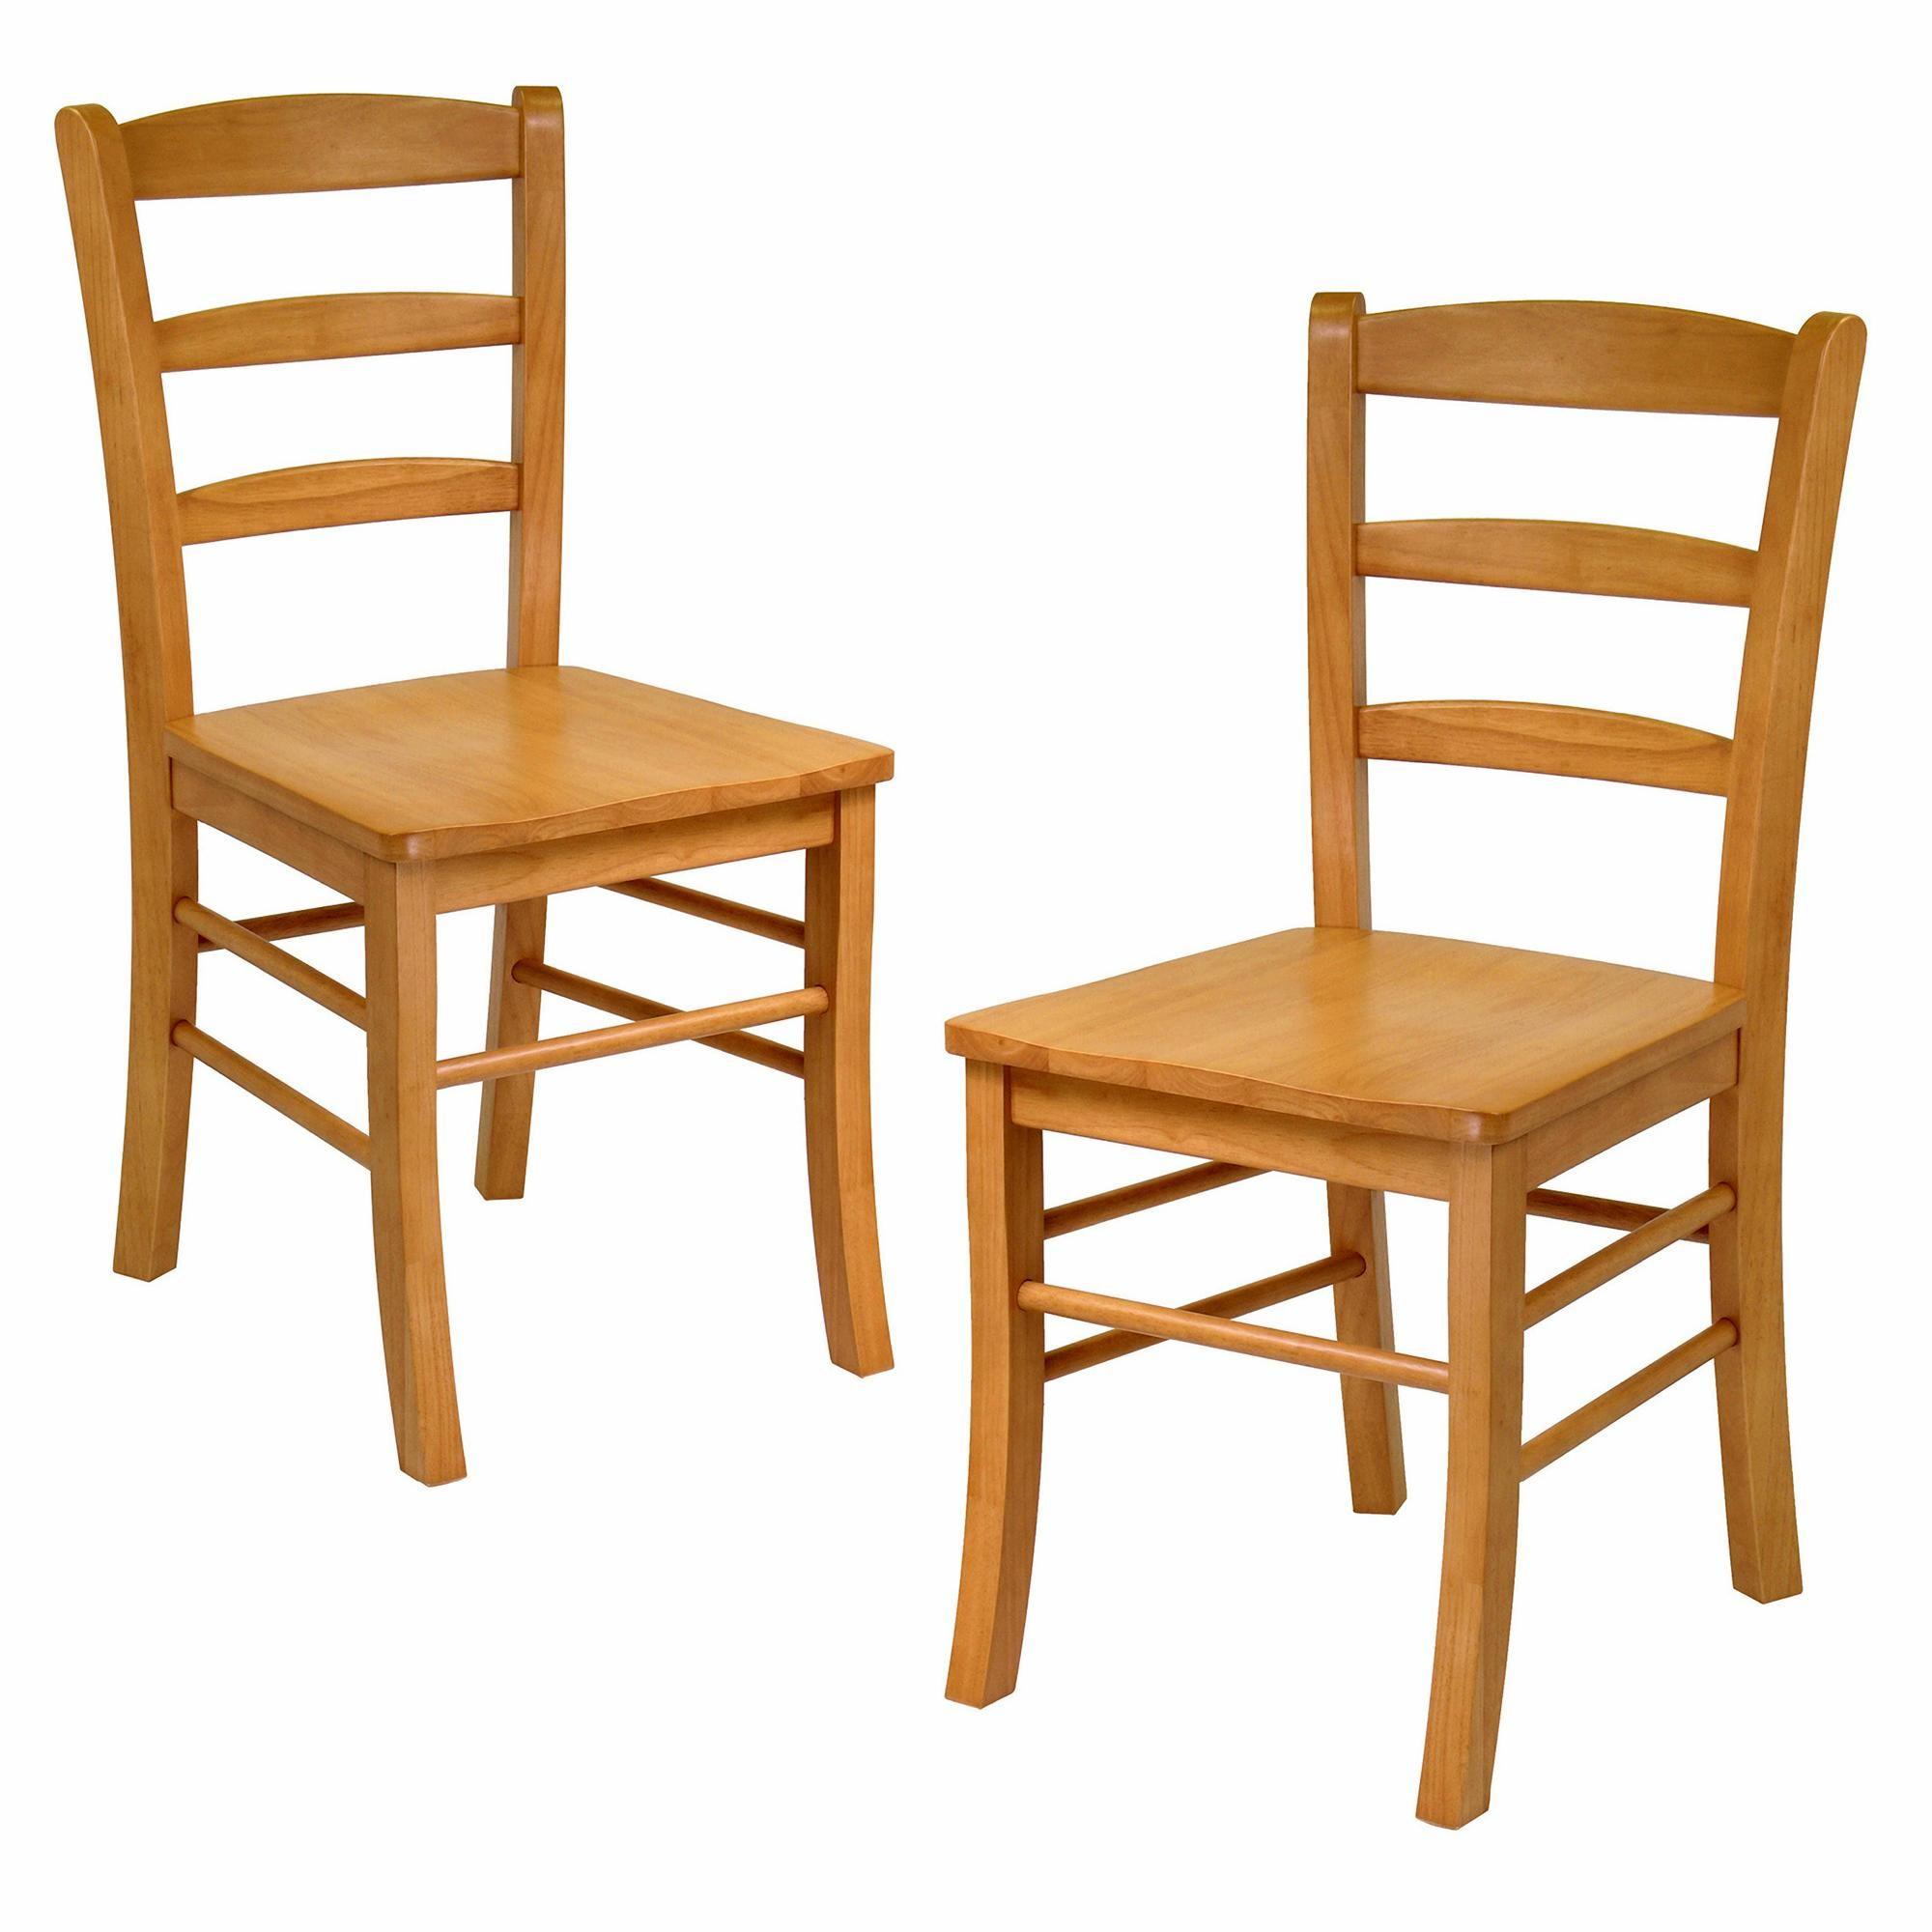 Eiche Leiter Zurück Stuhl | Stühle | Pinterest | Wood ladder ...